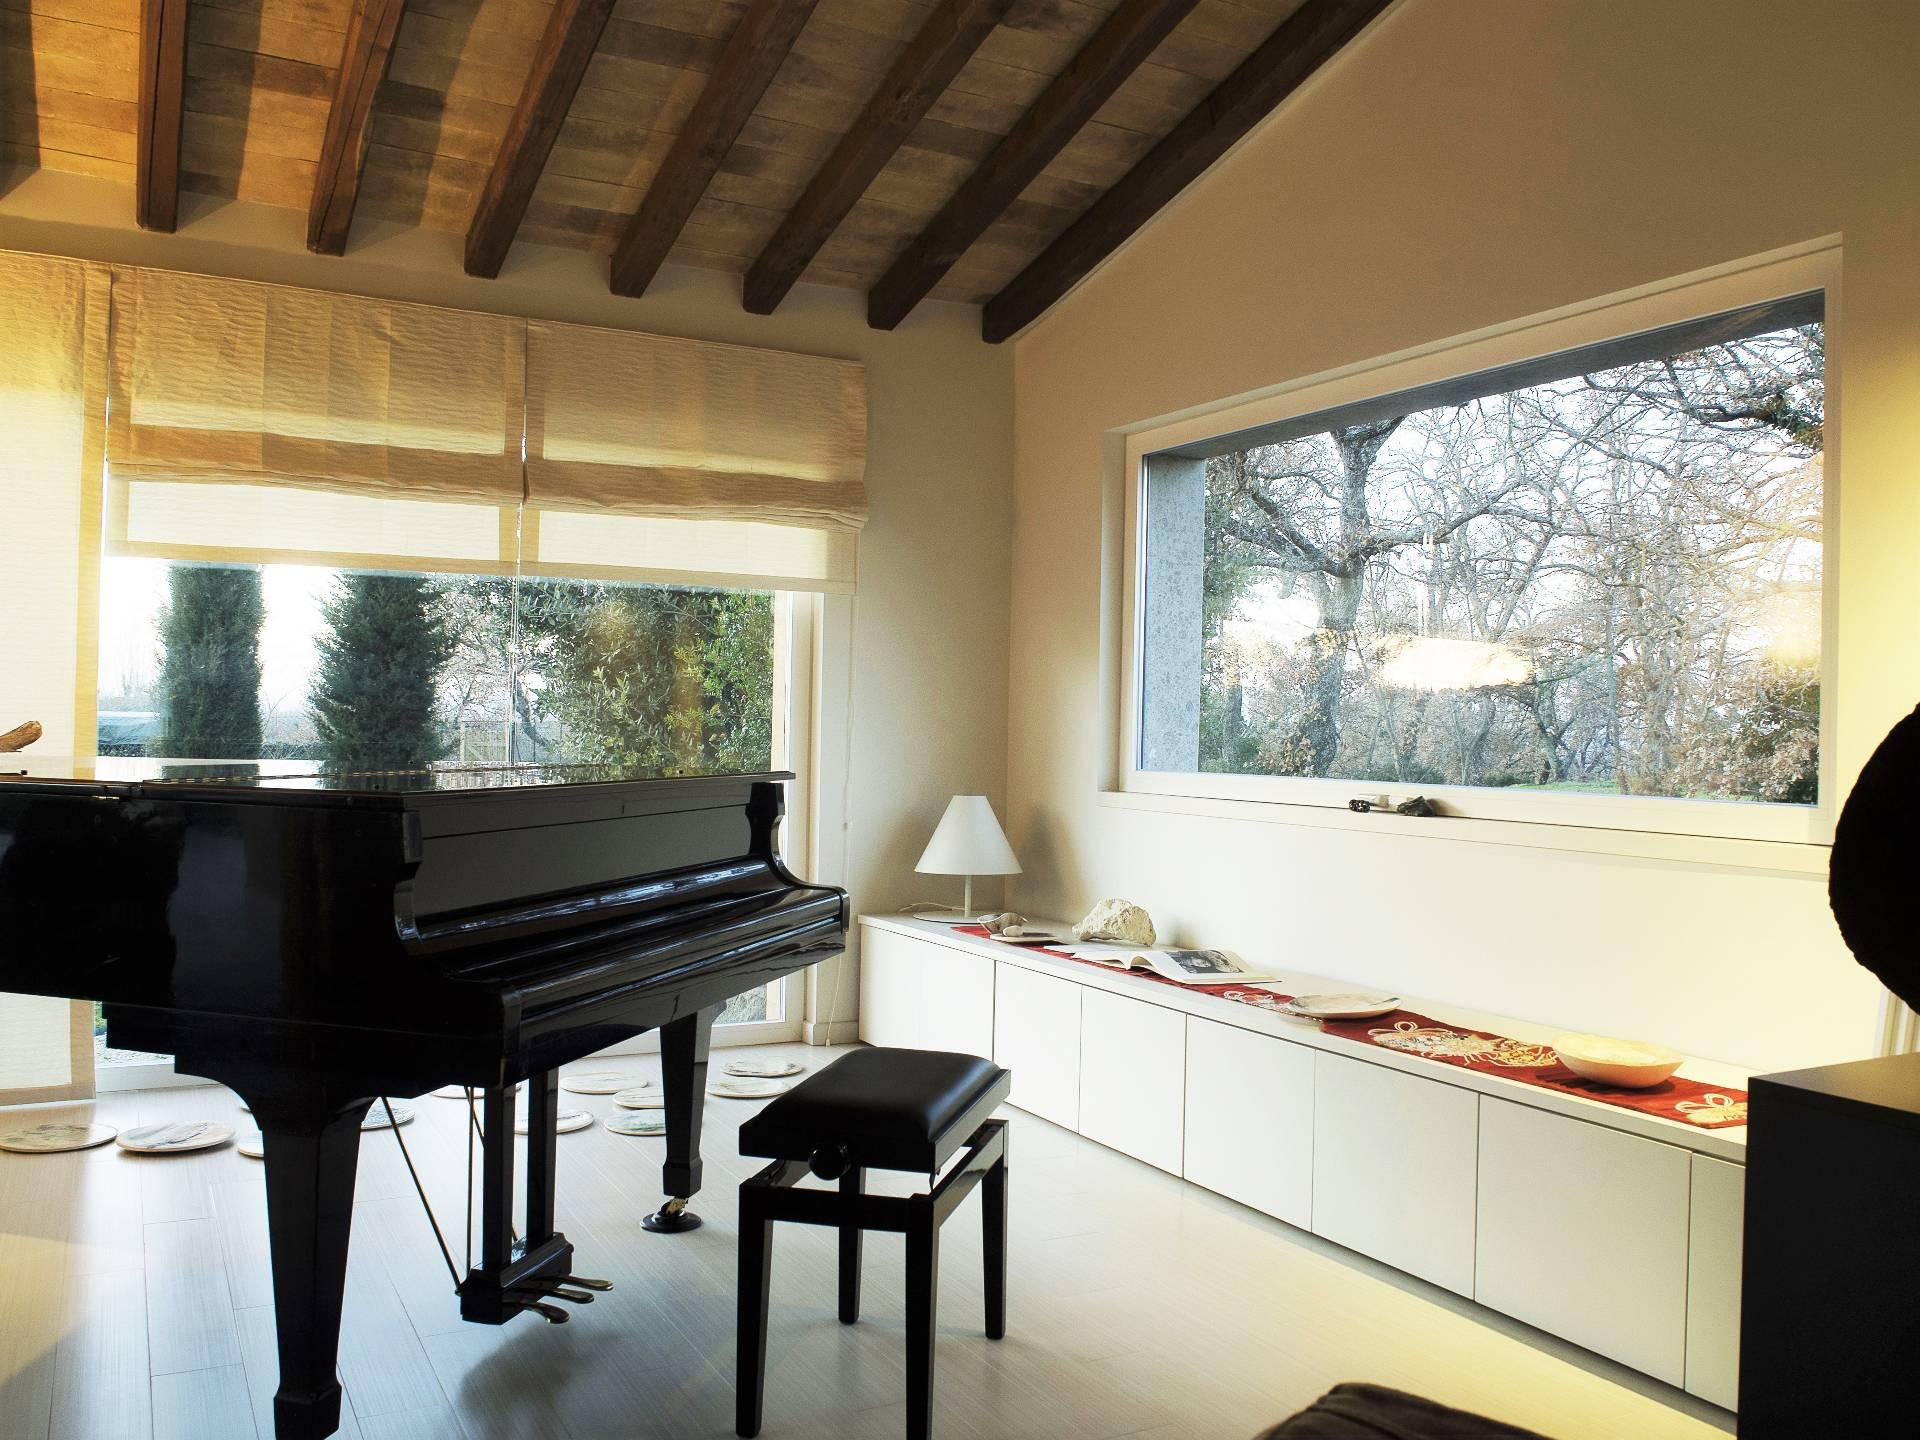 Villa in vendita a Vitorchiano, 6 locali, zona Località: Vitorchiano, prezzo € 780.000 | CambioCasa.it